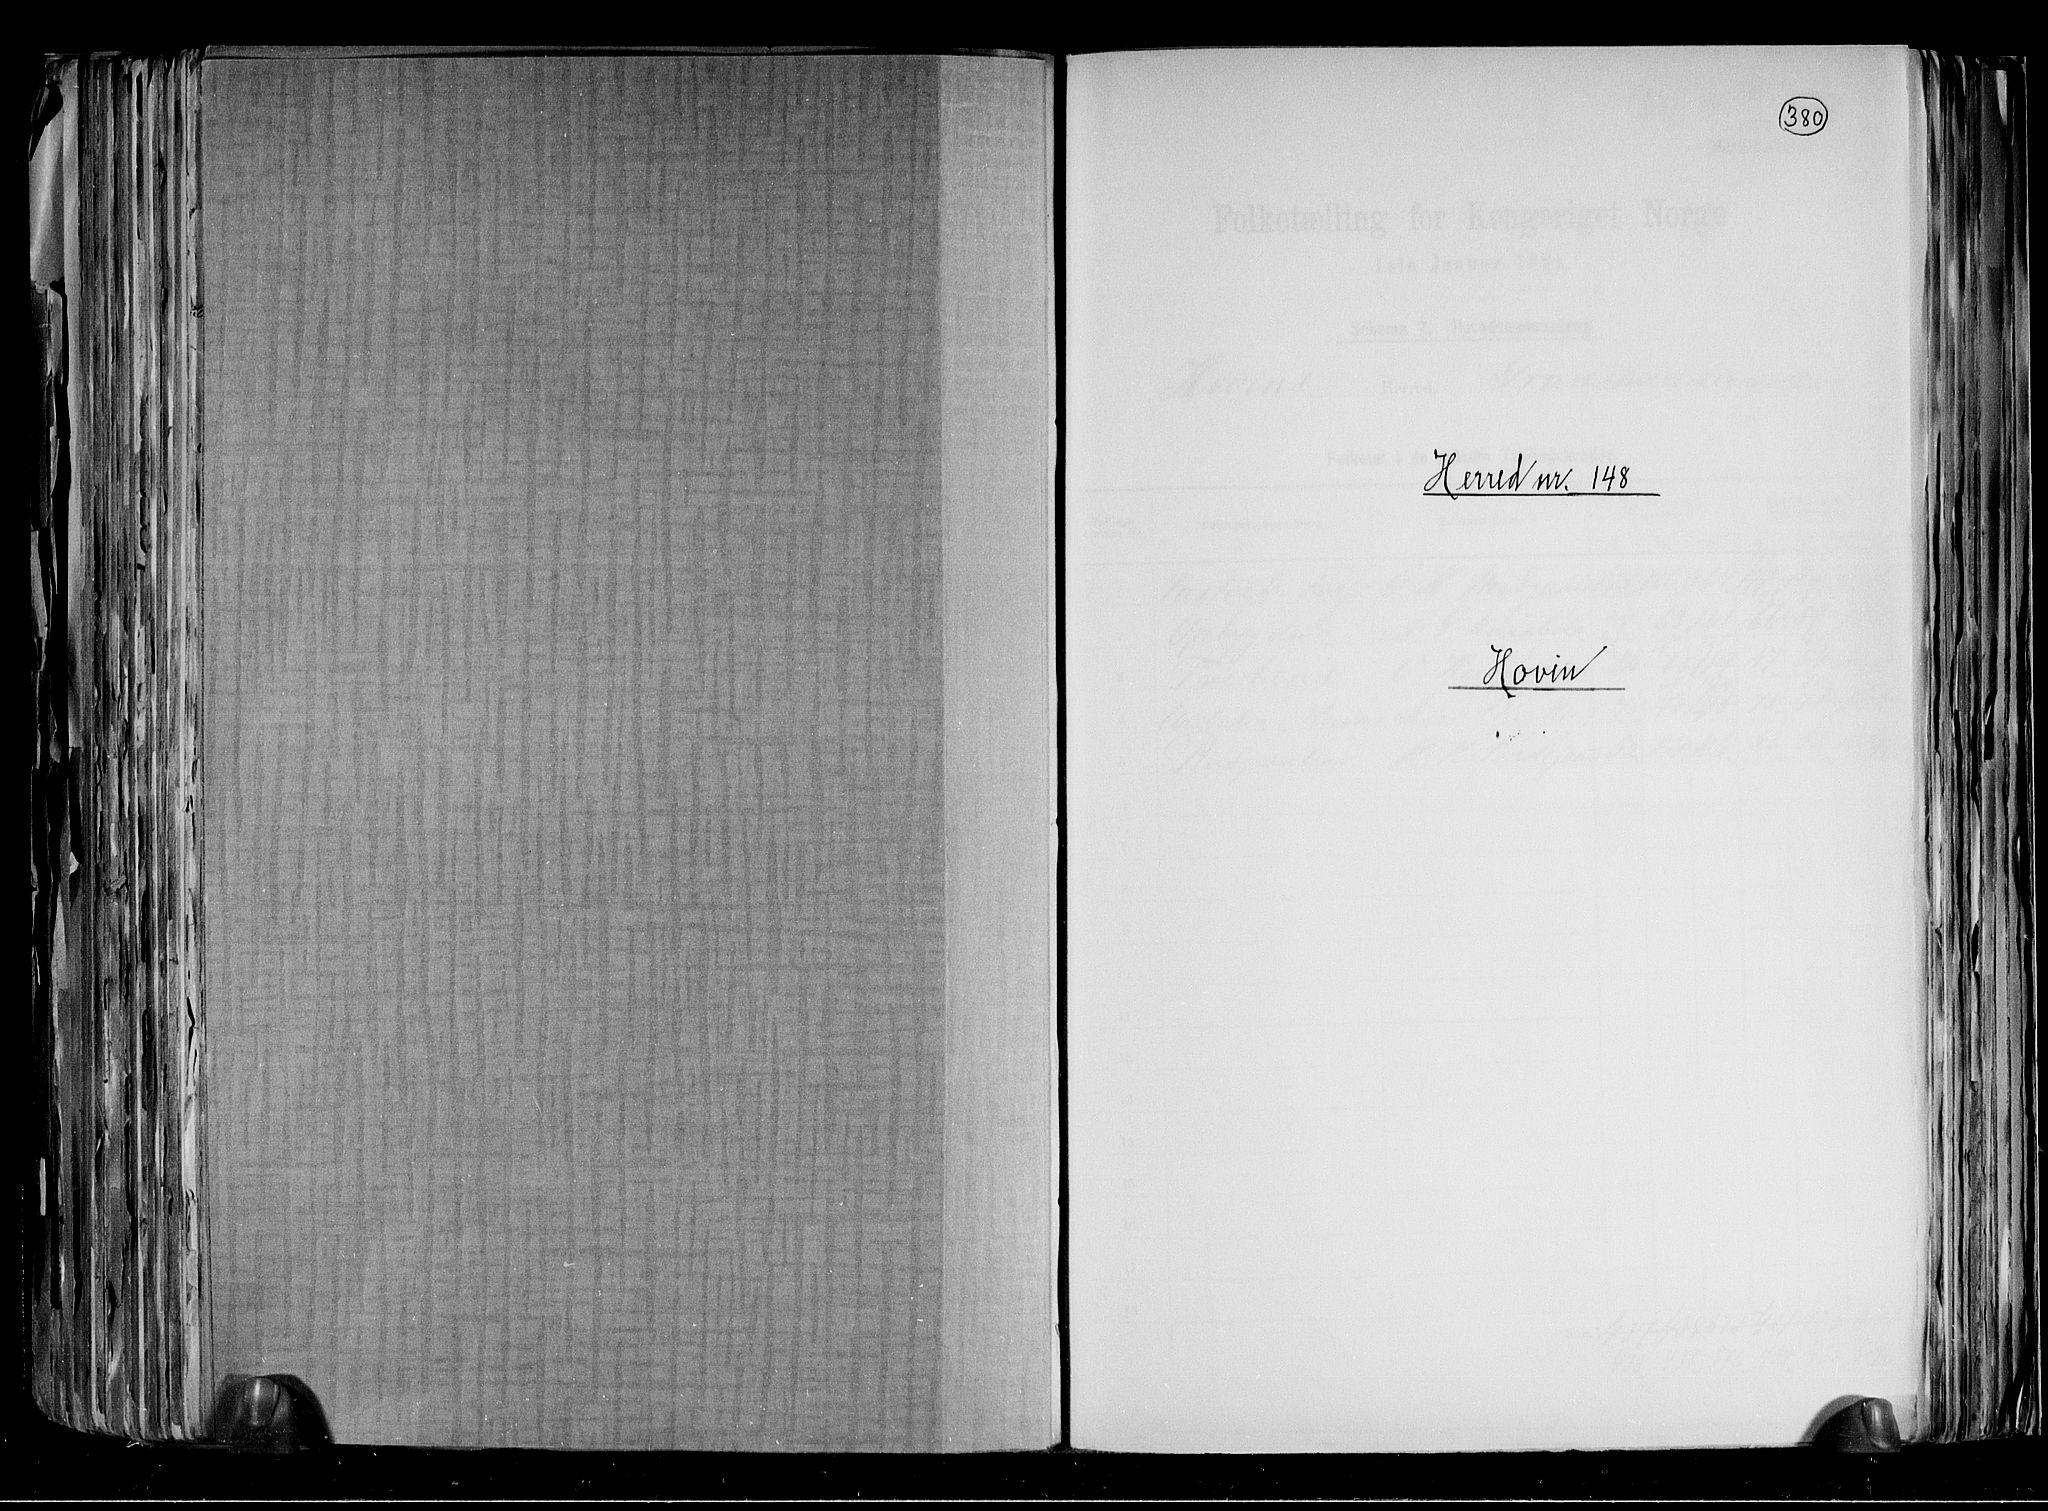 RA, Folketelling 1891 for 0825 Hovin herred, 1891, s. 1